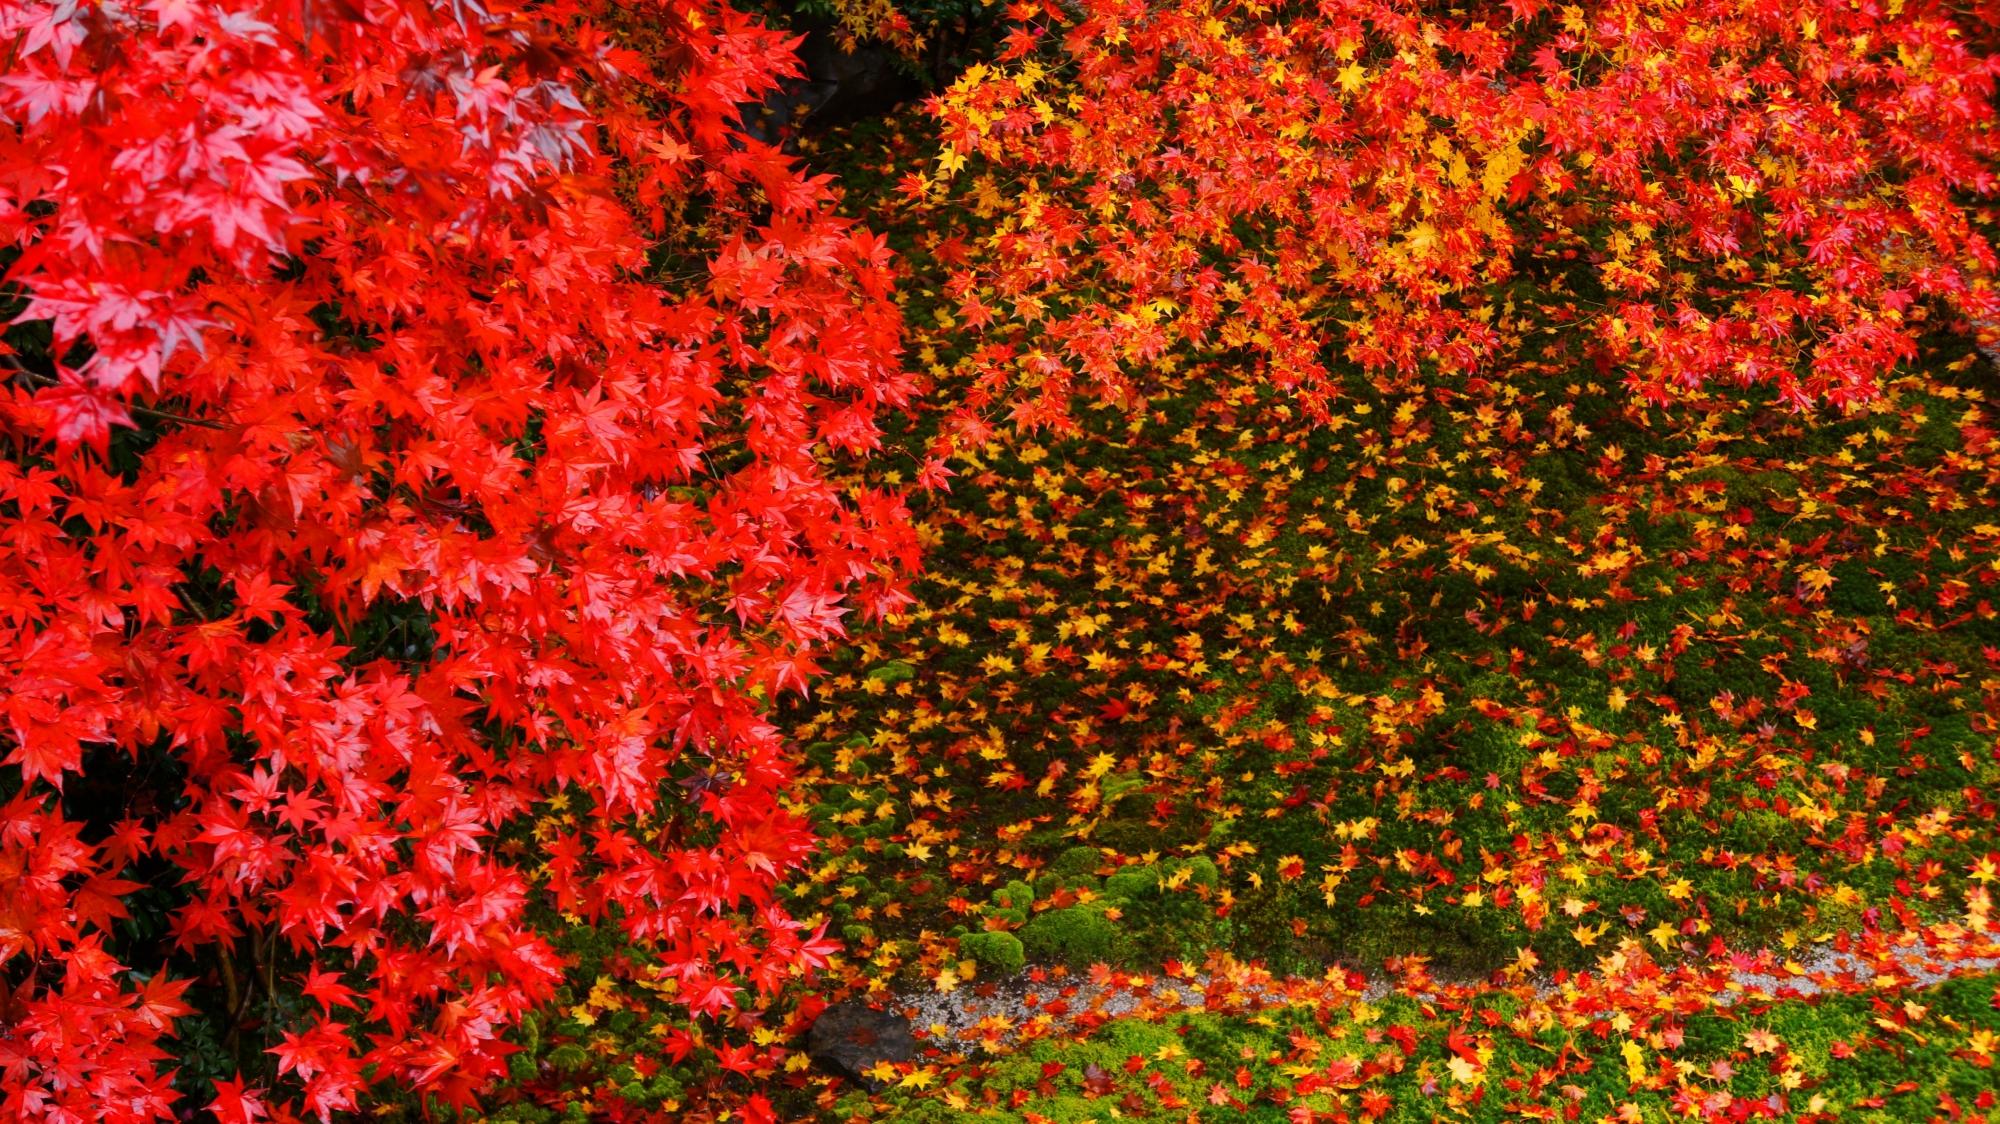 瑠璃光院の書院二階から見下ろす鮮やかな散り紅葉と色とりどりの紅葉